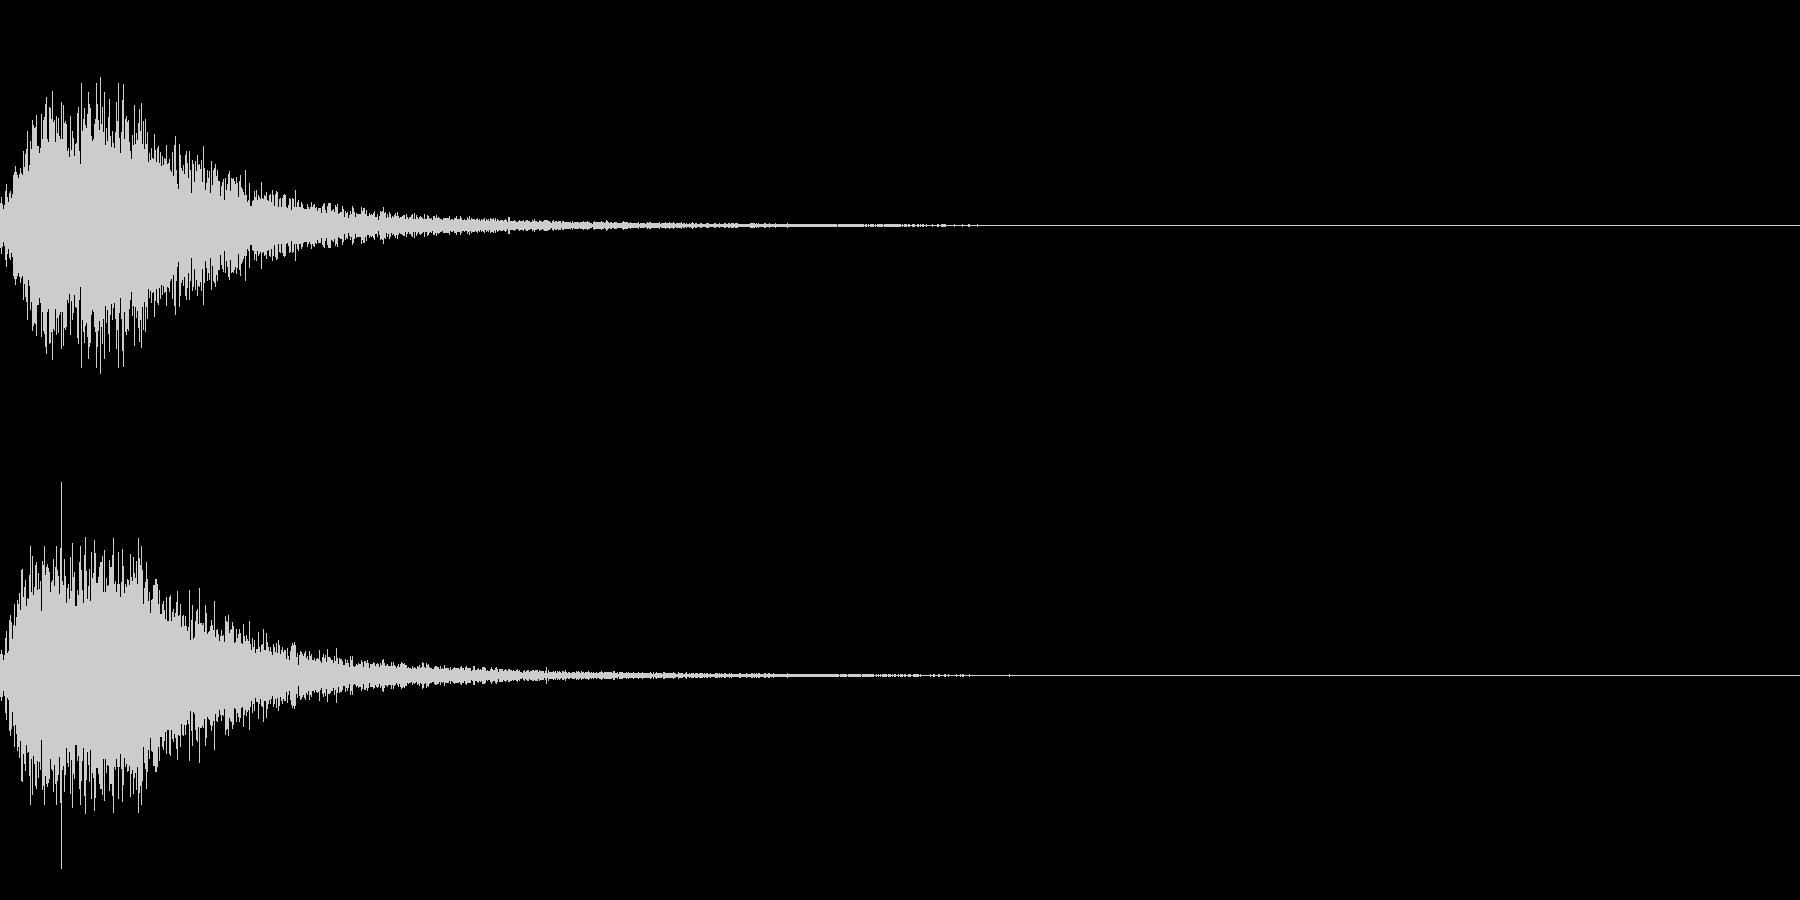 迫力ある和風な歌舞伎の床音(附け木)01の未再生の波形